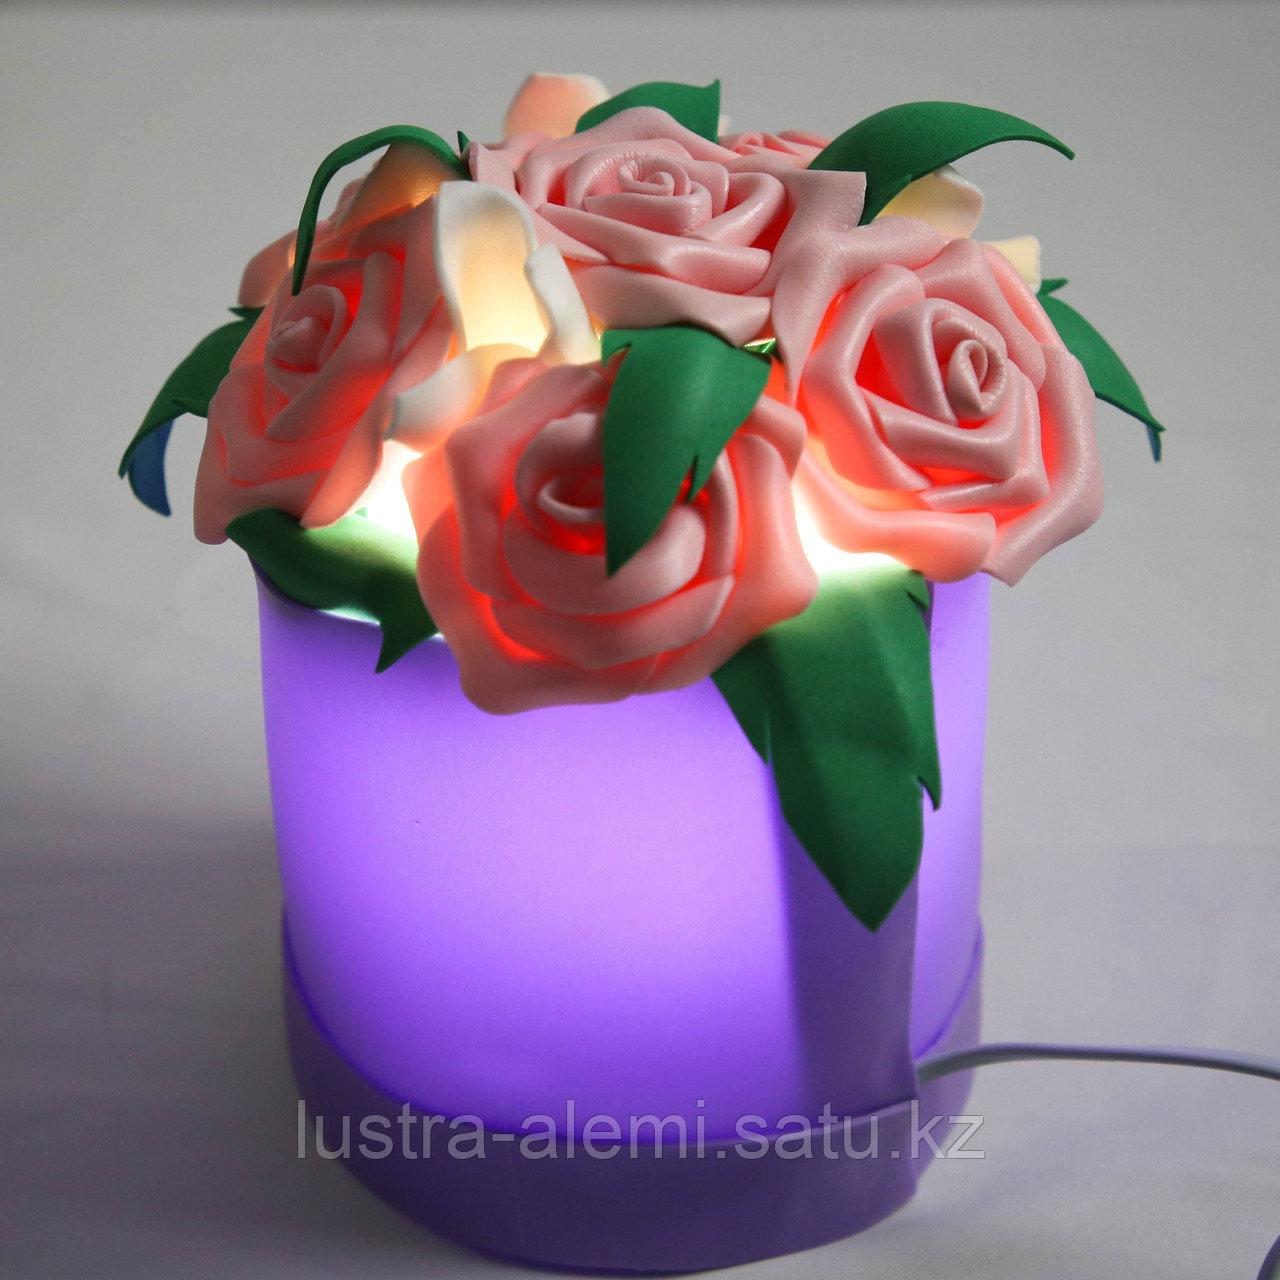 Настольный Светильник Цветок ручной mini